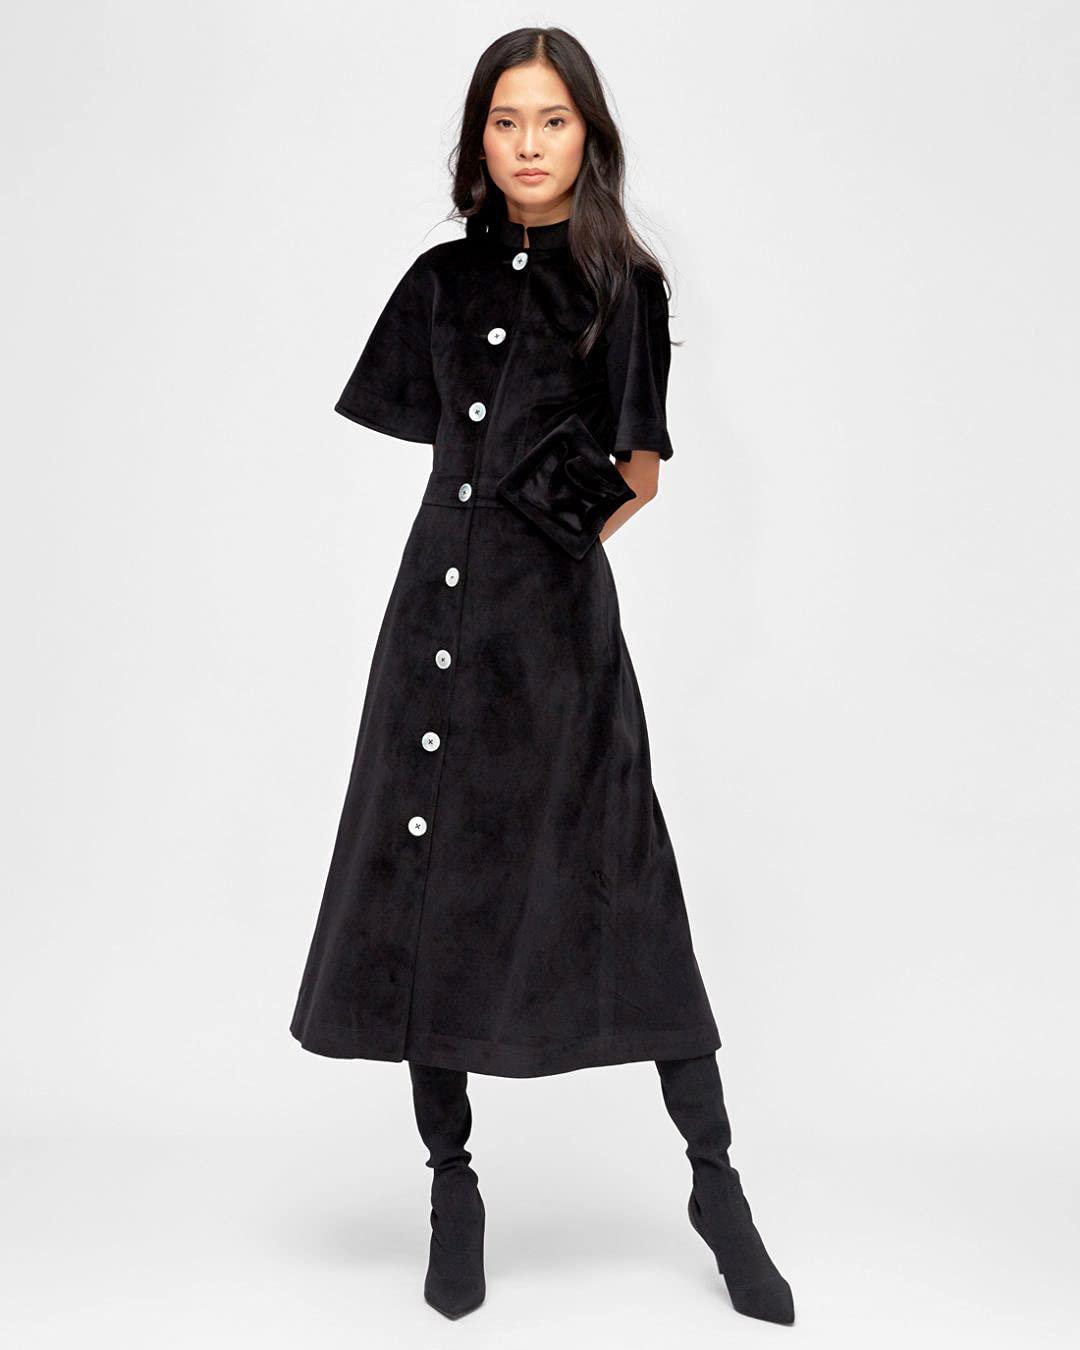 Women - Fashion Faux Fur manteau Paris Yvette 4 years warranty Arlington Mall from N'guyen LIBBY